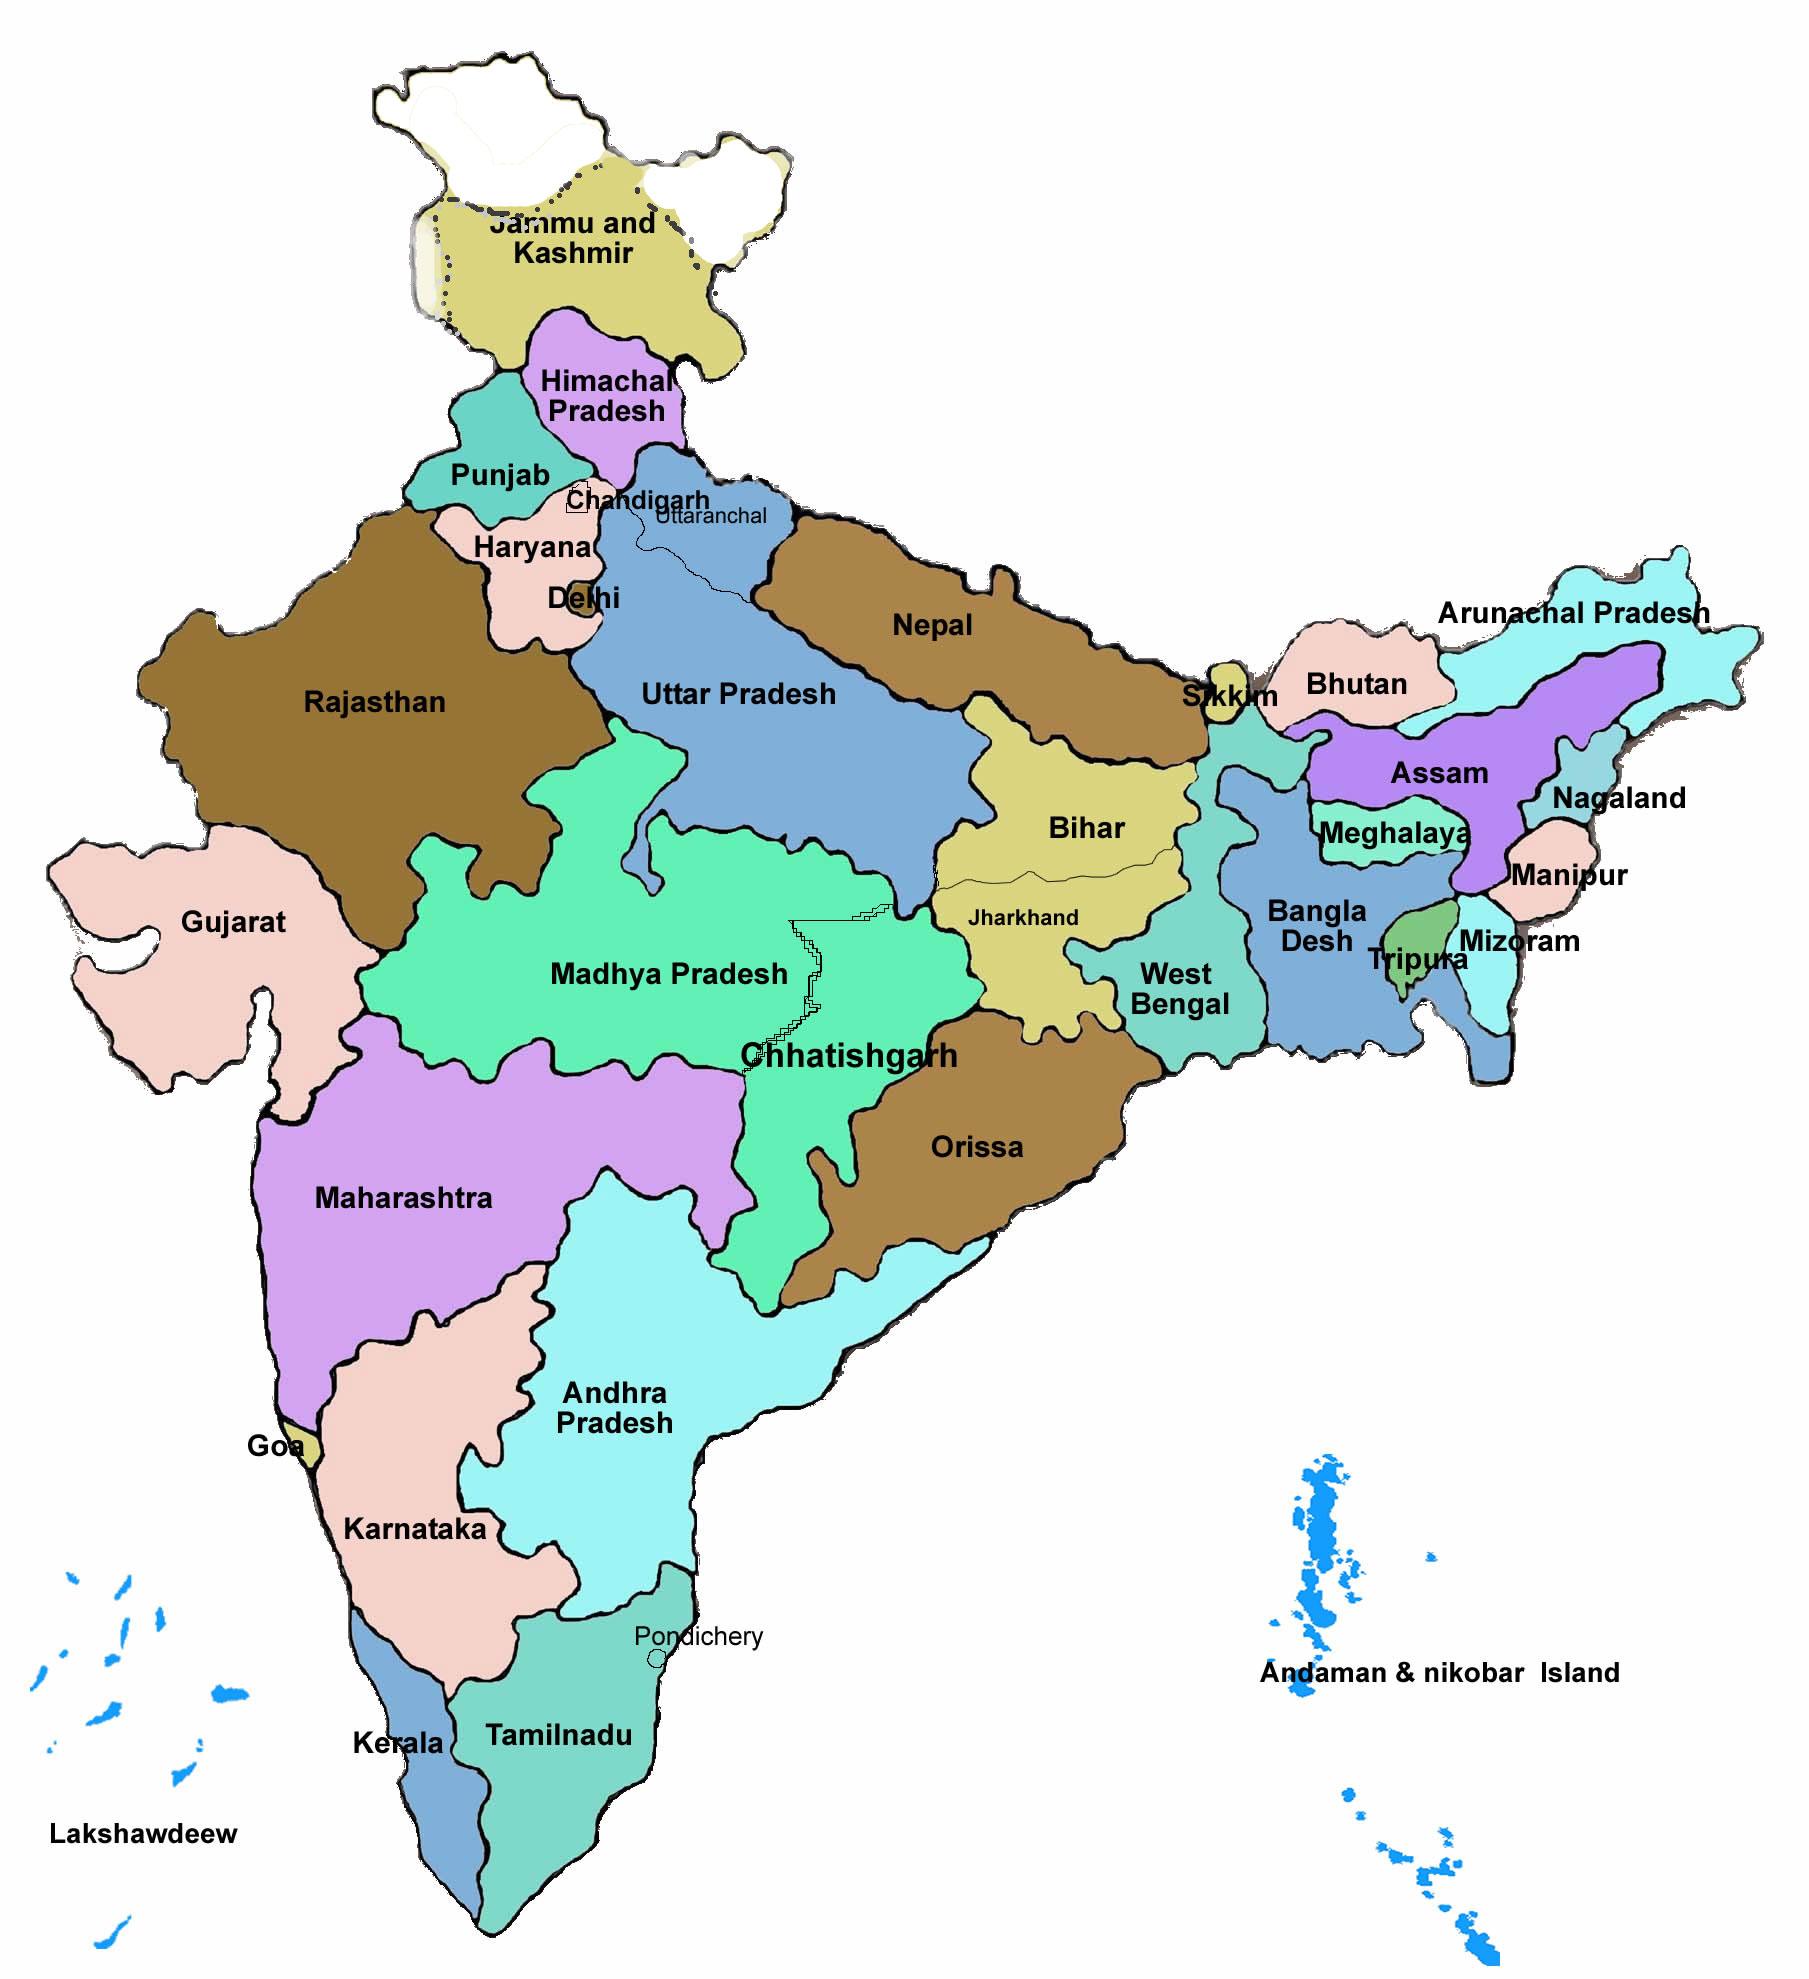 ভারতে গো মাংস খাওয়ার কারণে মুসলিম মহিলাকে গণধর্ষণ করল হিন্দু সম্প্রদায়